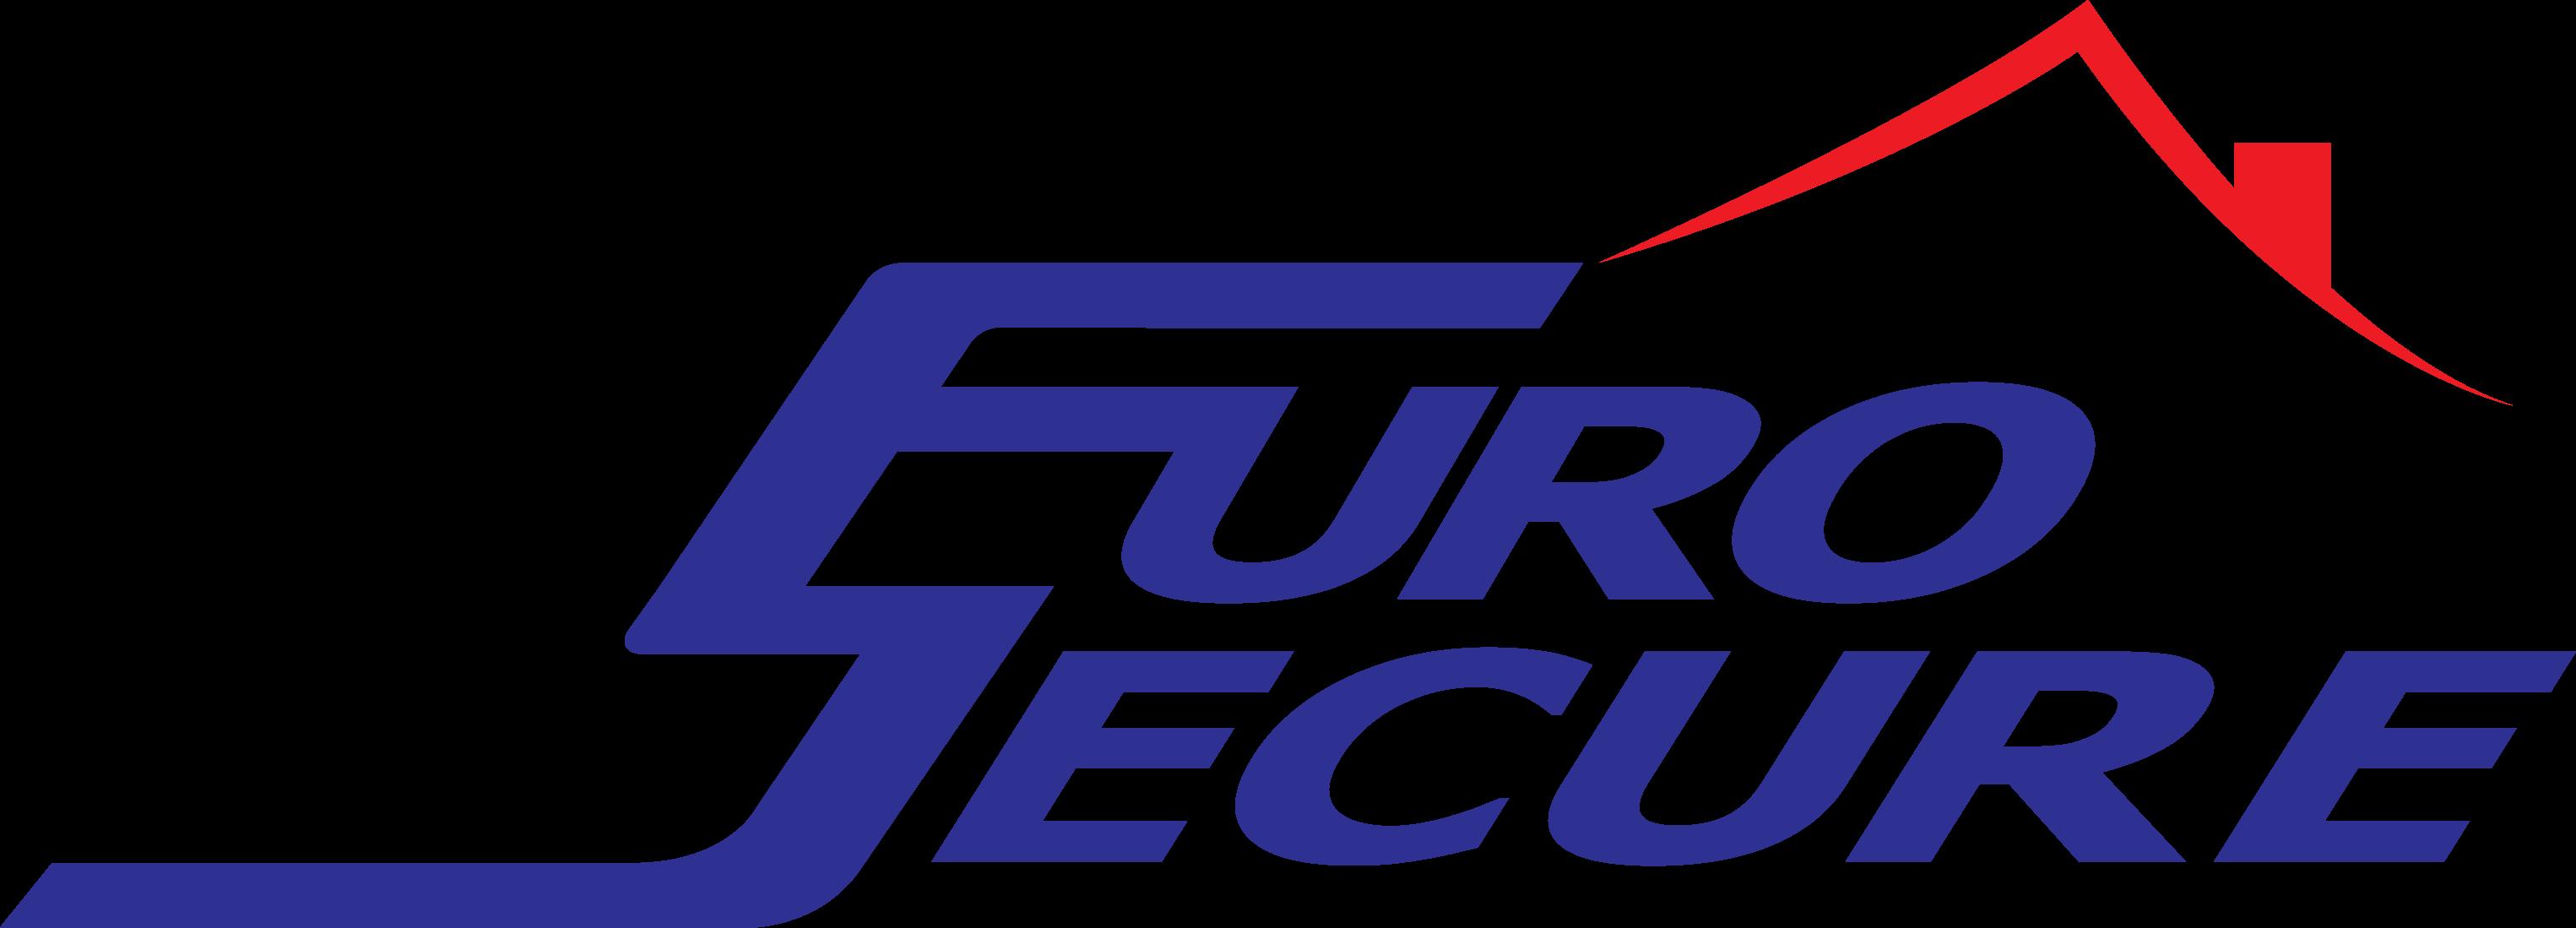 Euro Secure